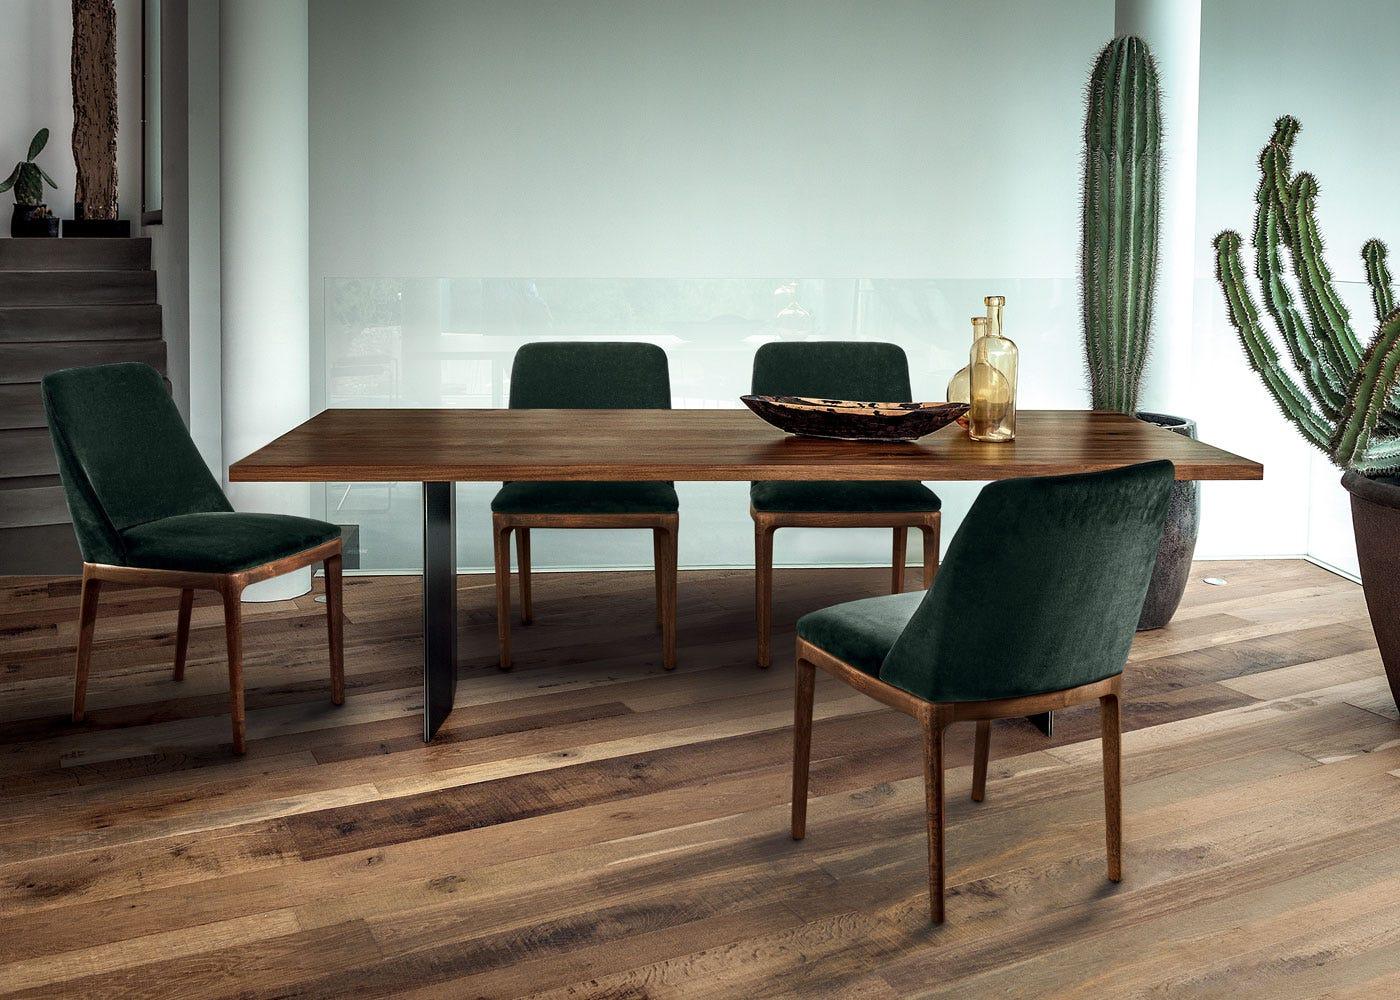 As Shown: Cloe dining chair in velvet.